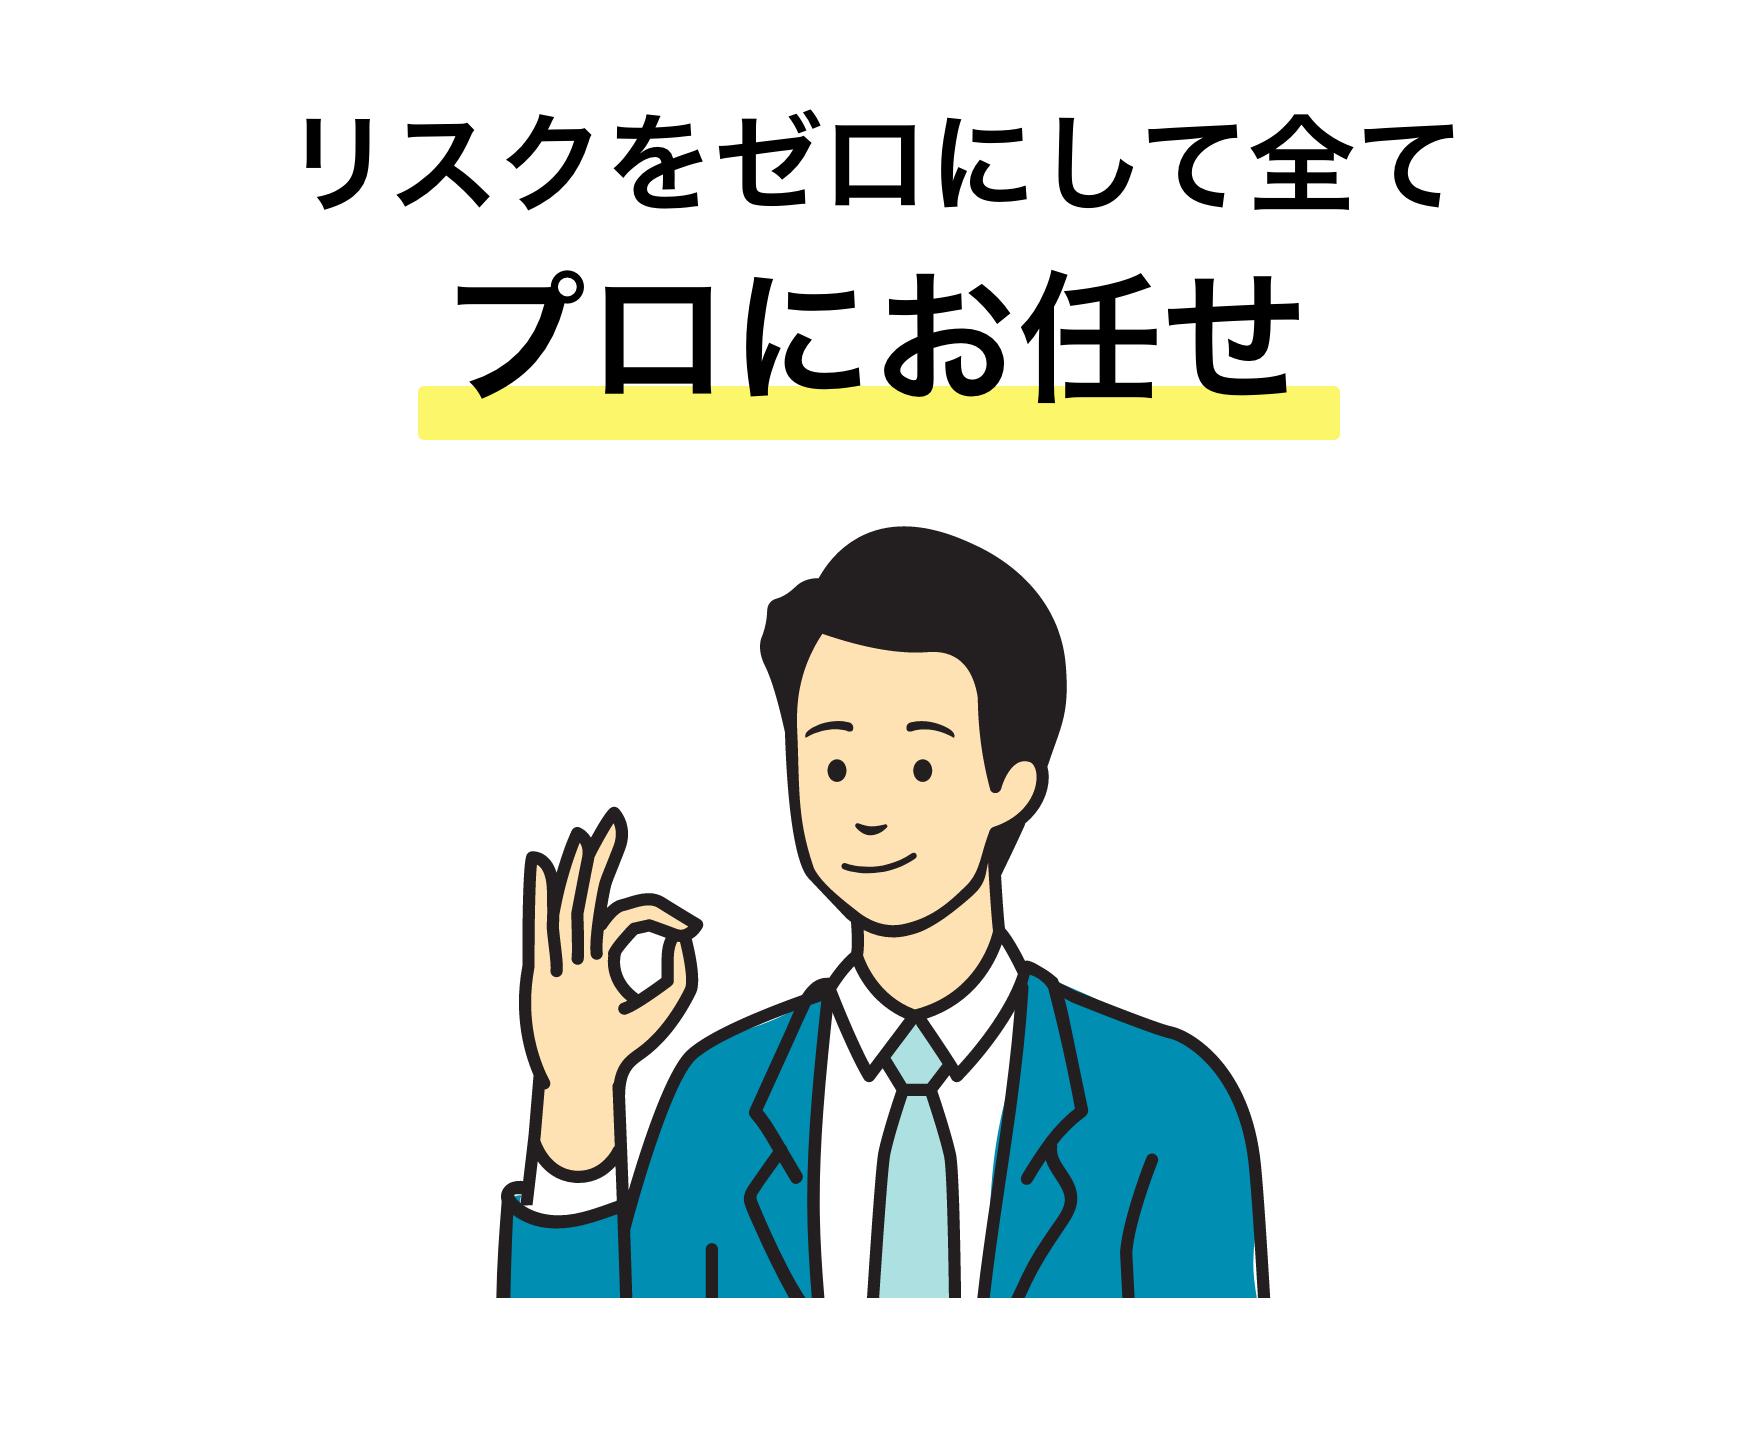 SELL+(セルプラス)のおすすめポイント「安心!」